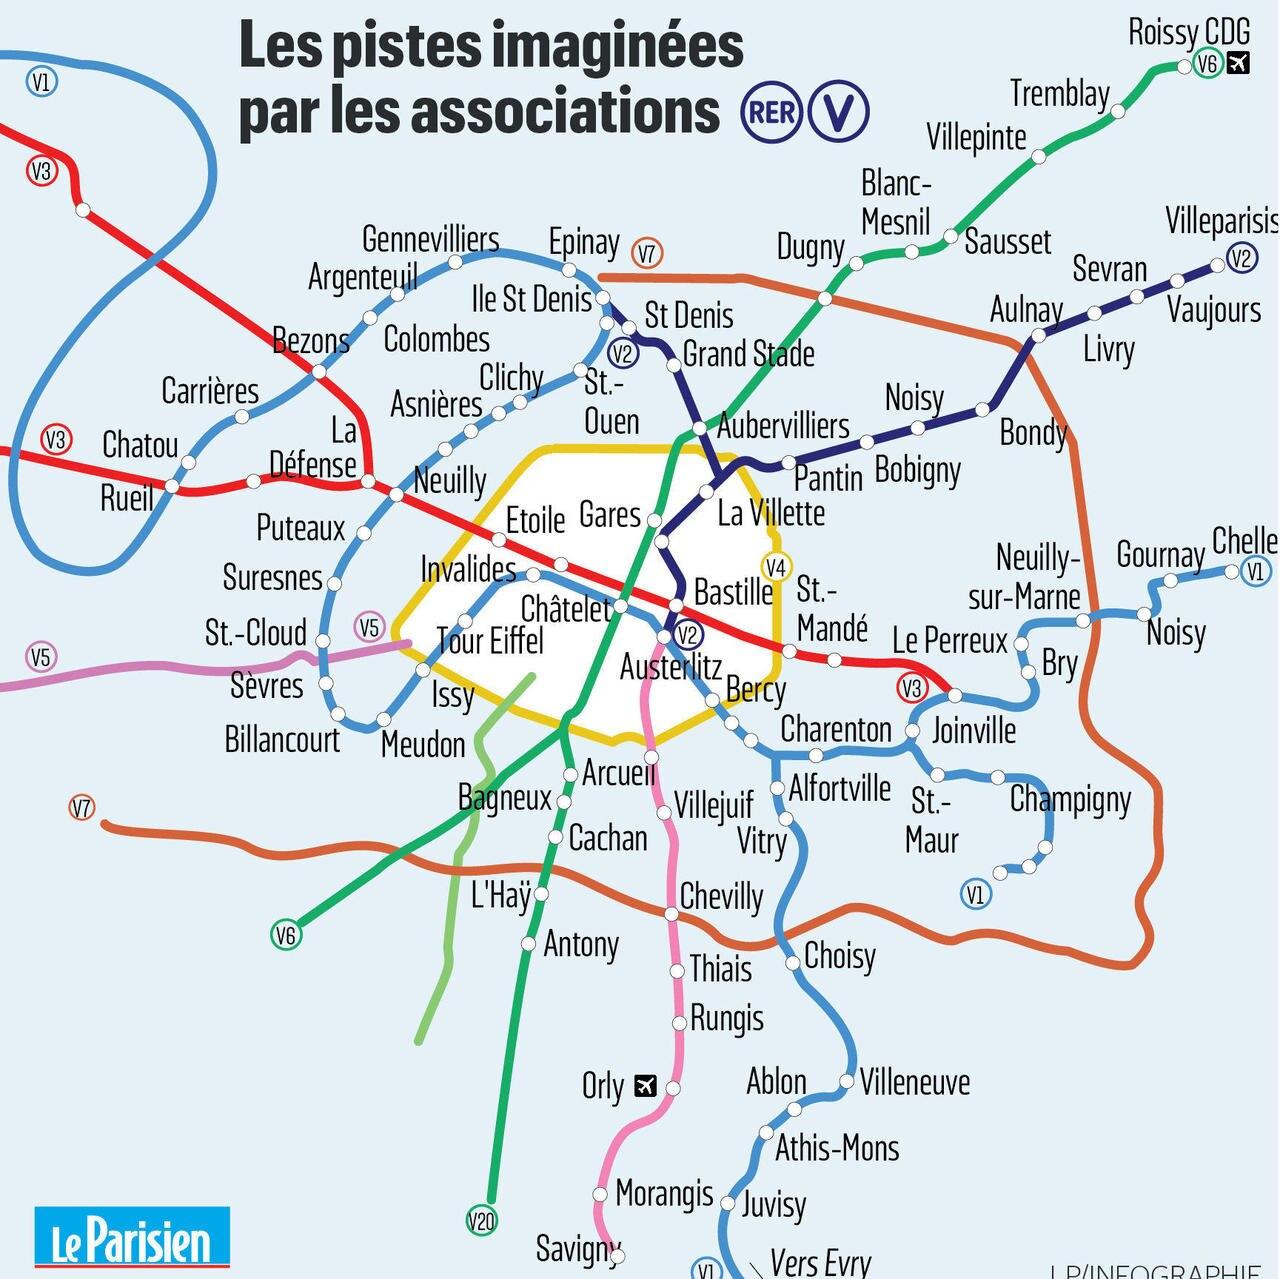 Actualités Le 60 Locale Info Oise Infos Parisien qGLzMVjSUp